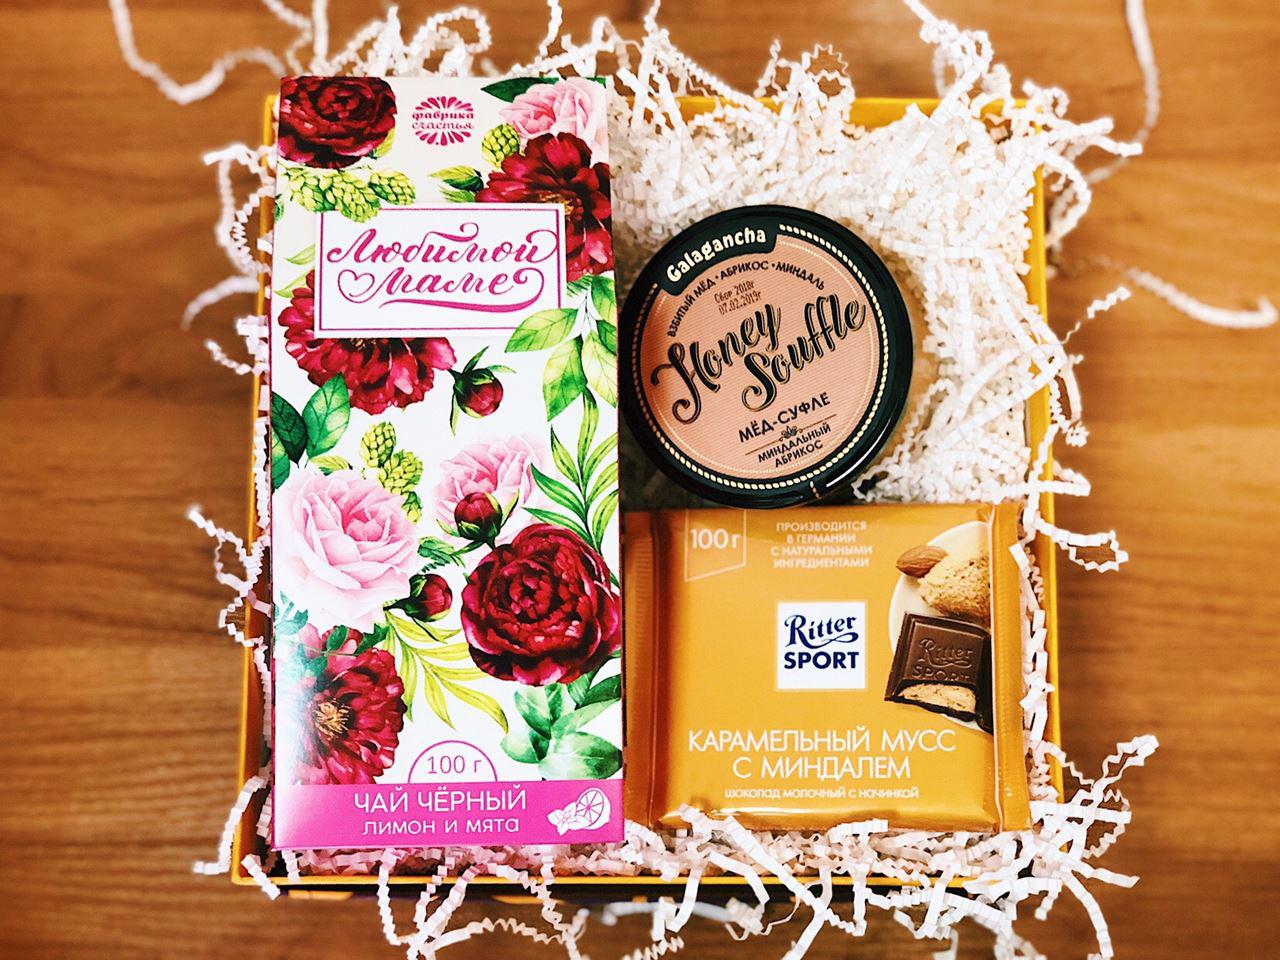 Подарочный набор маме: чай, мед суфле, шоколад от 1 195 руб